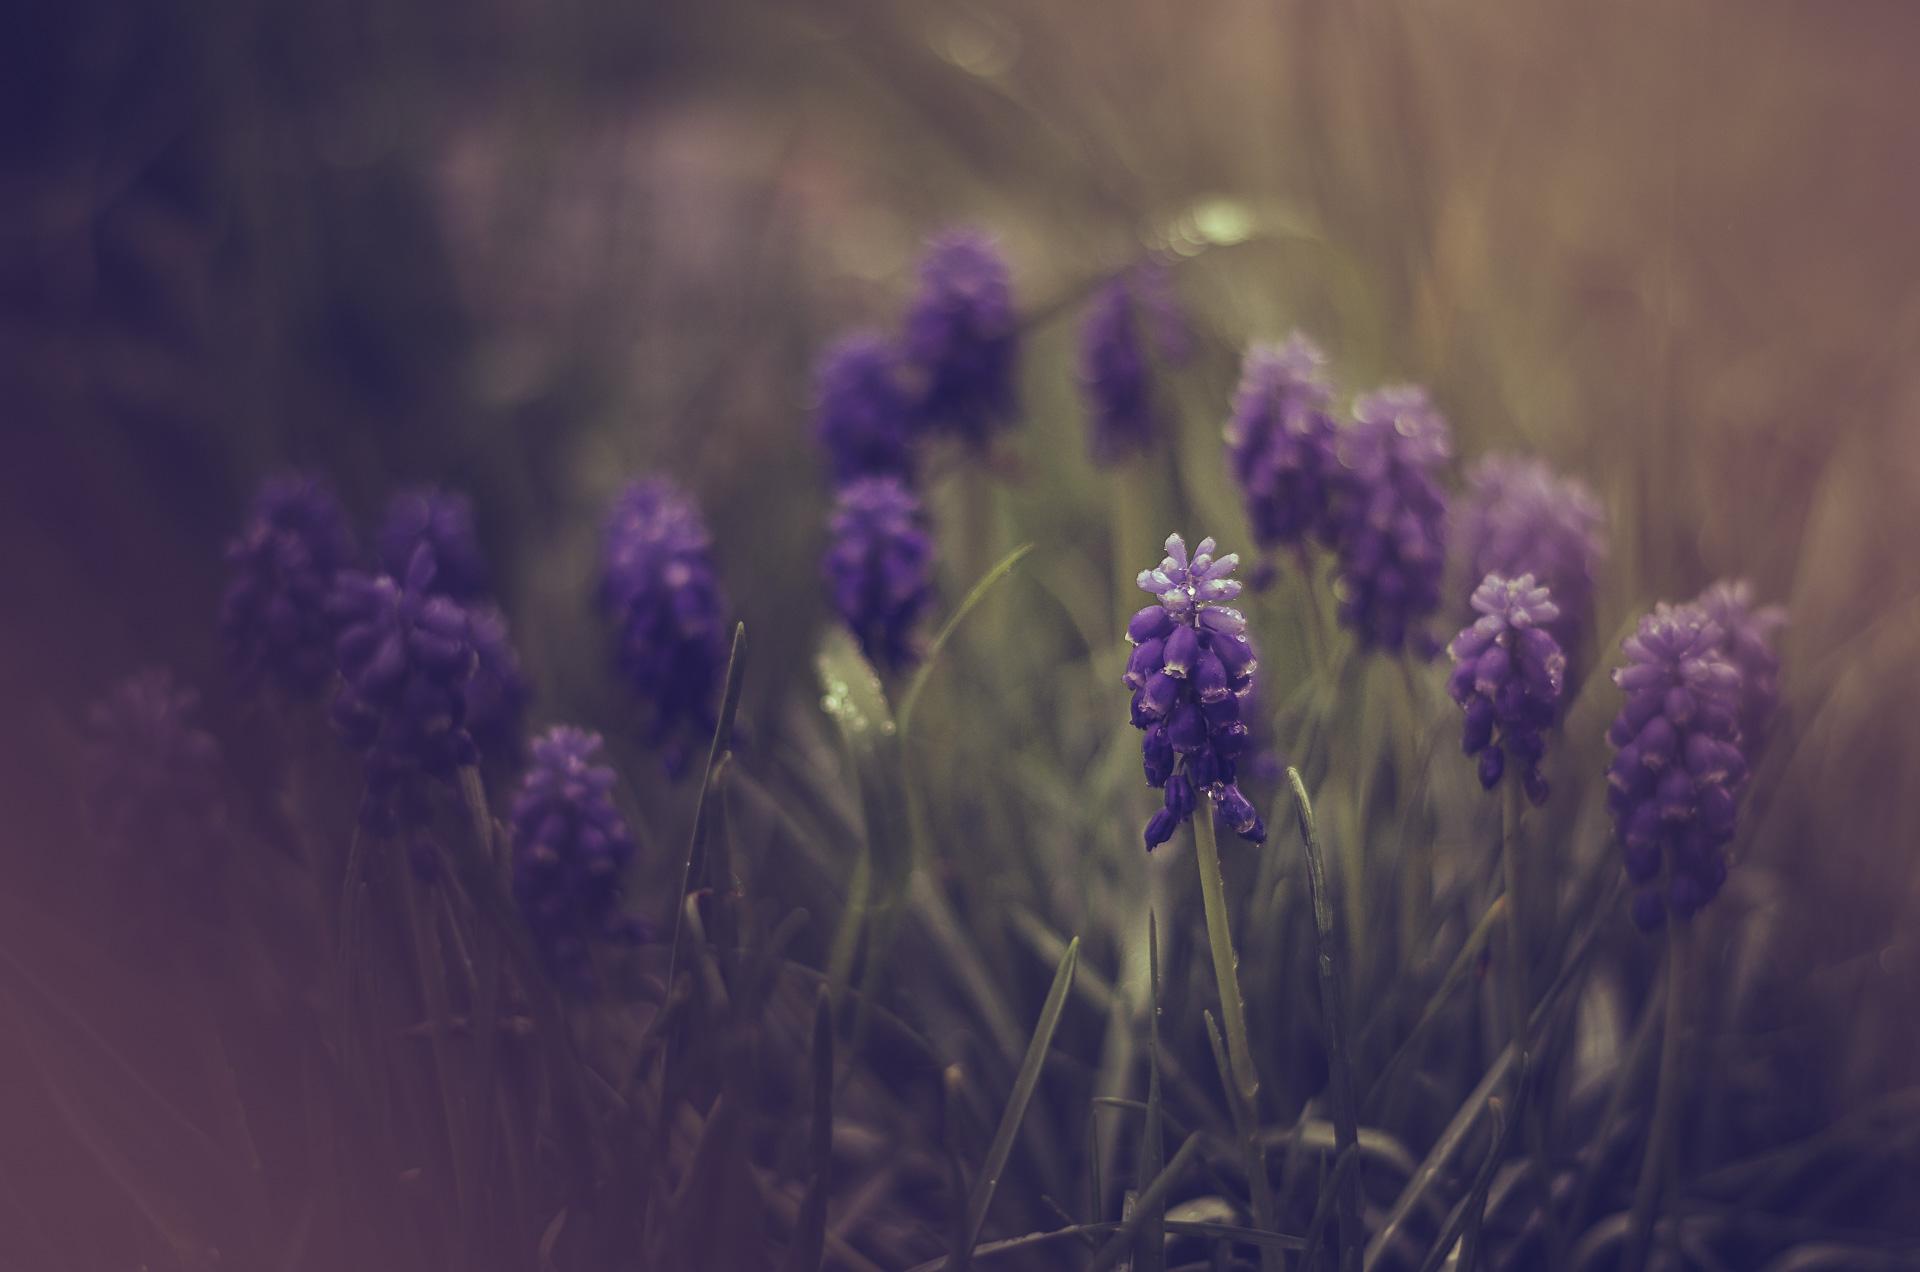 Einfach Bilder – Regenmorgen im Garten